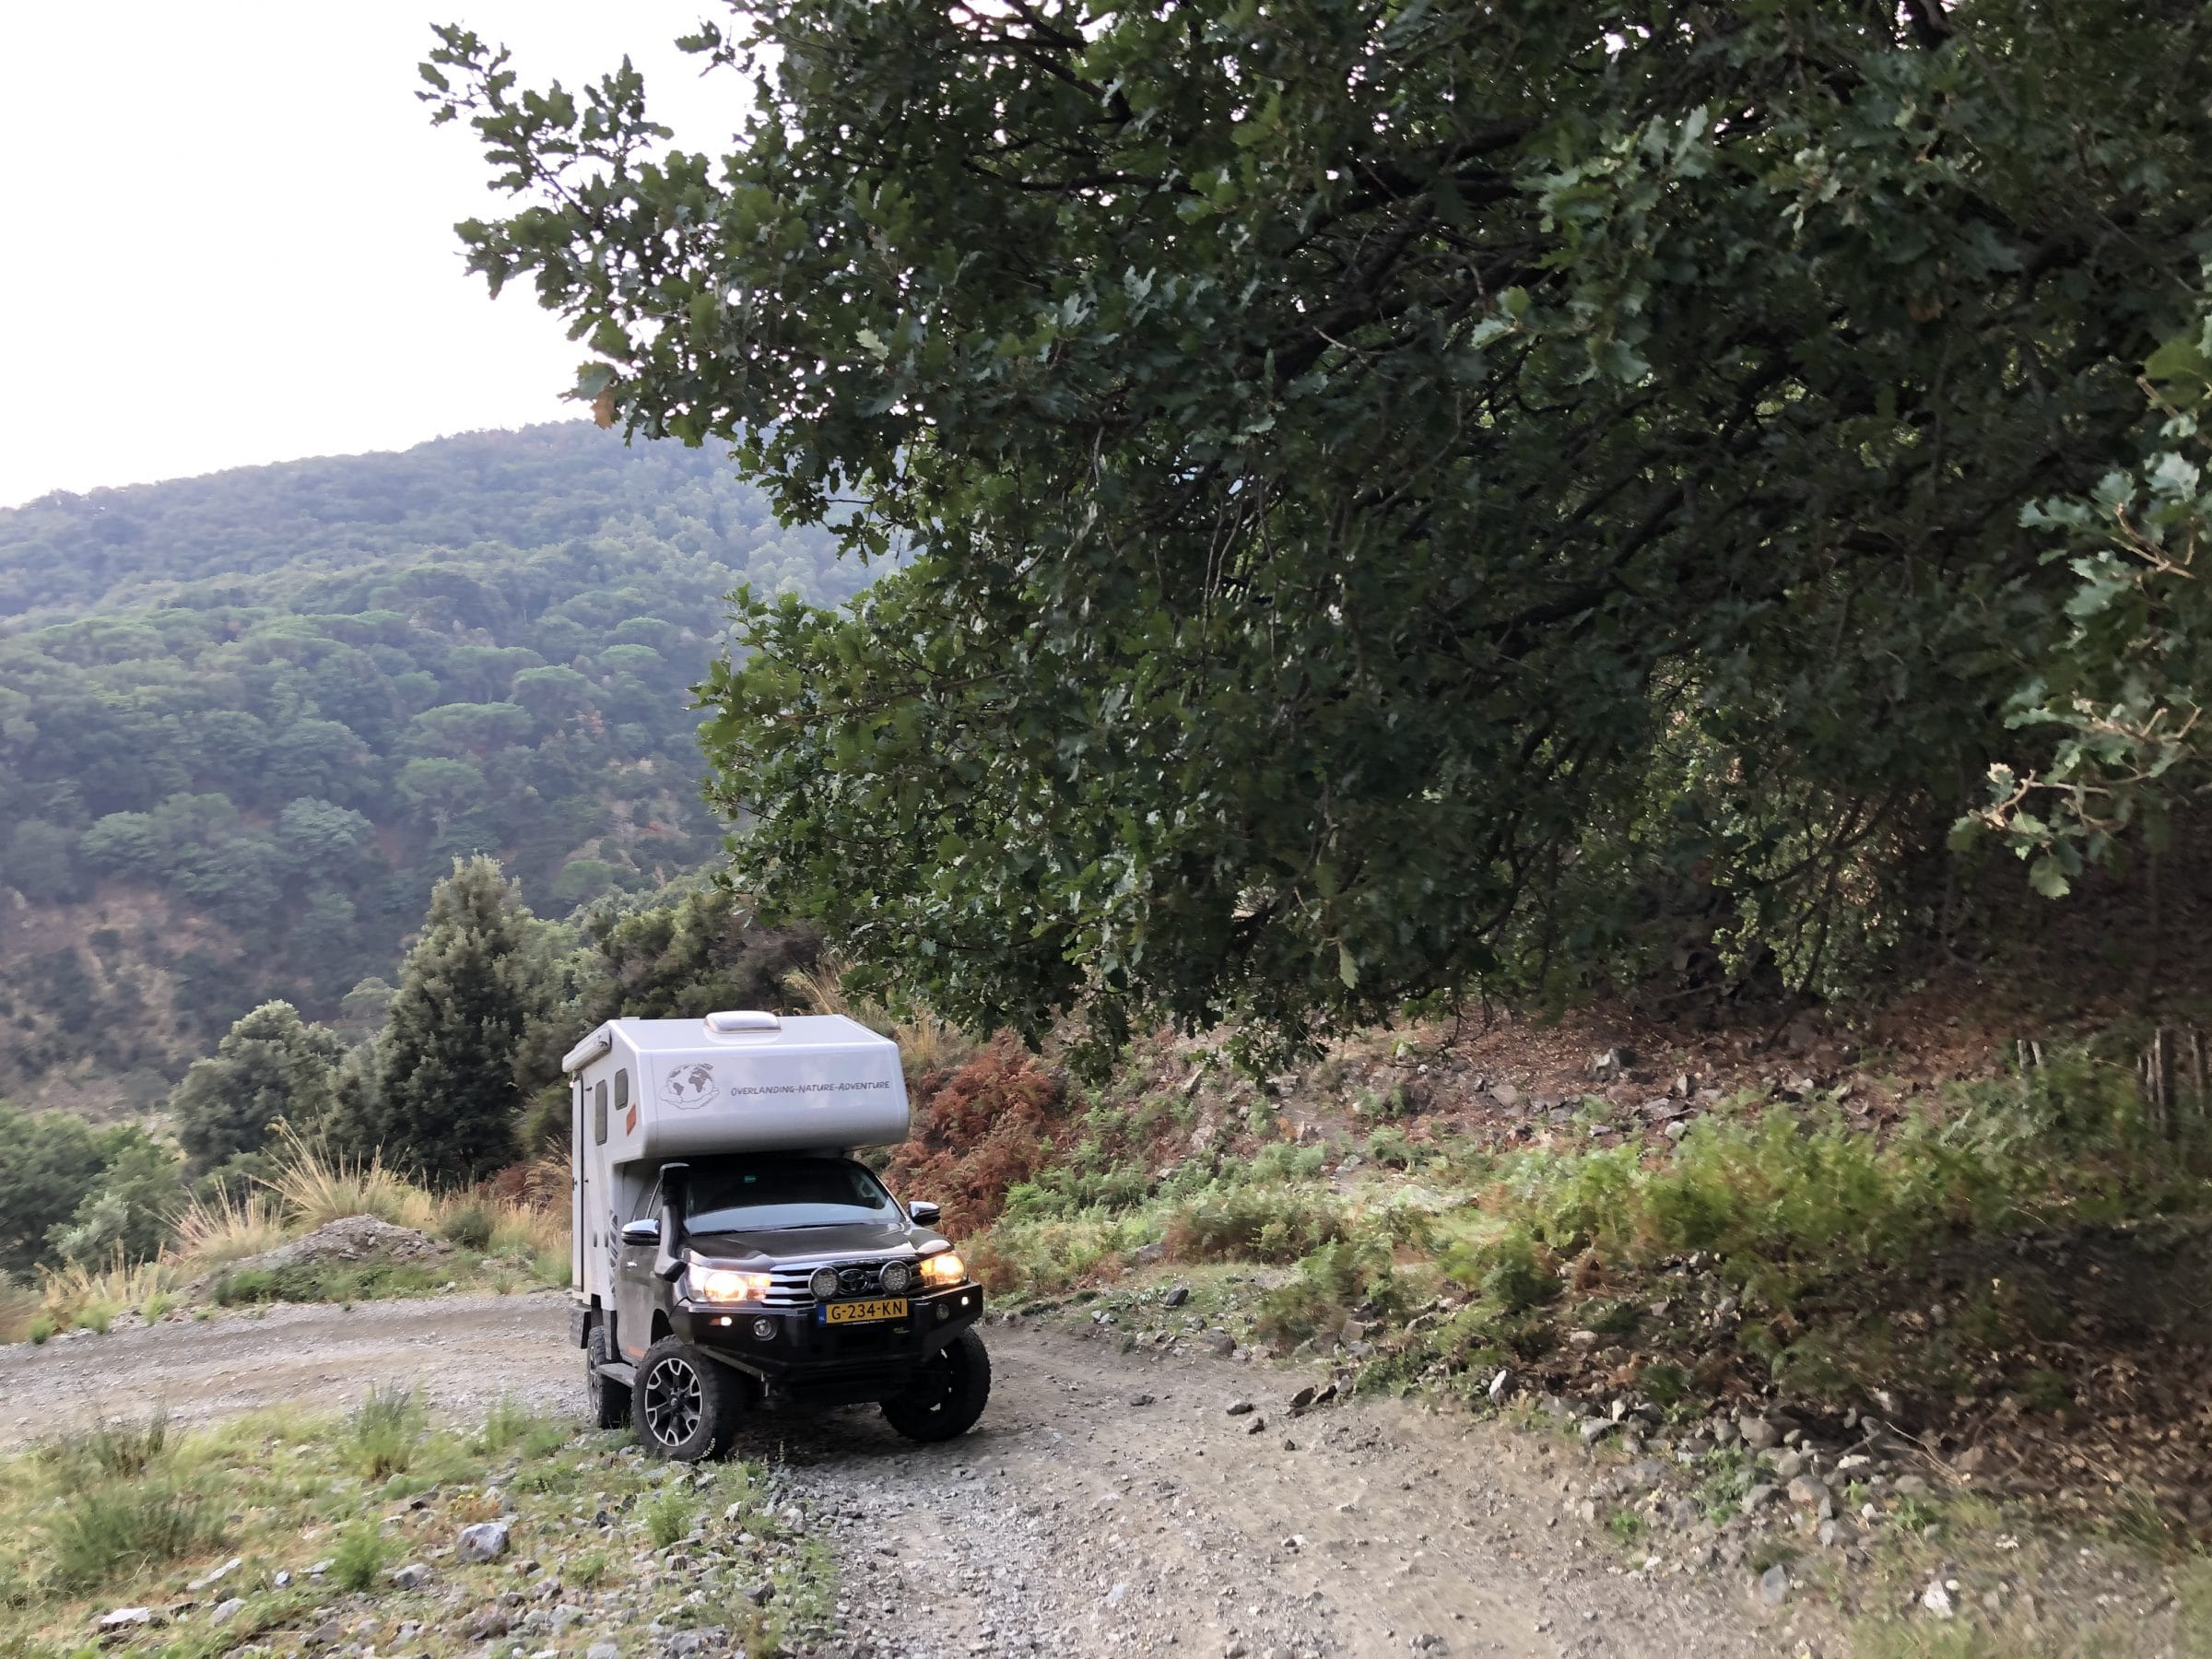 Onze 4x4 camper op één van de vele offroad wegen